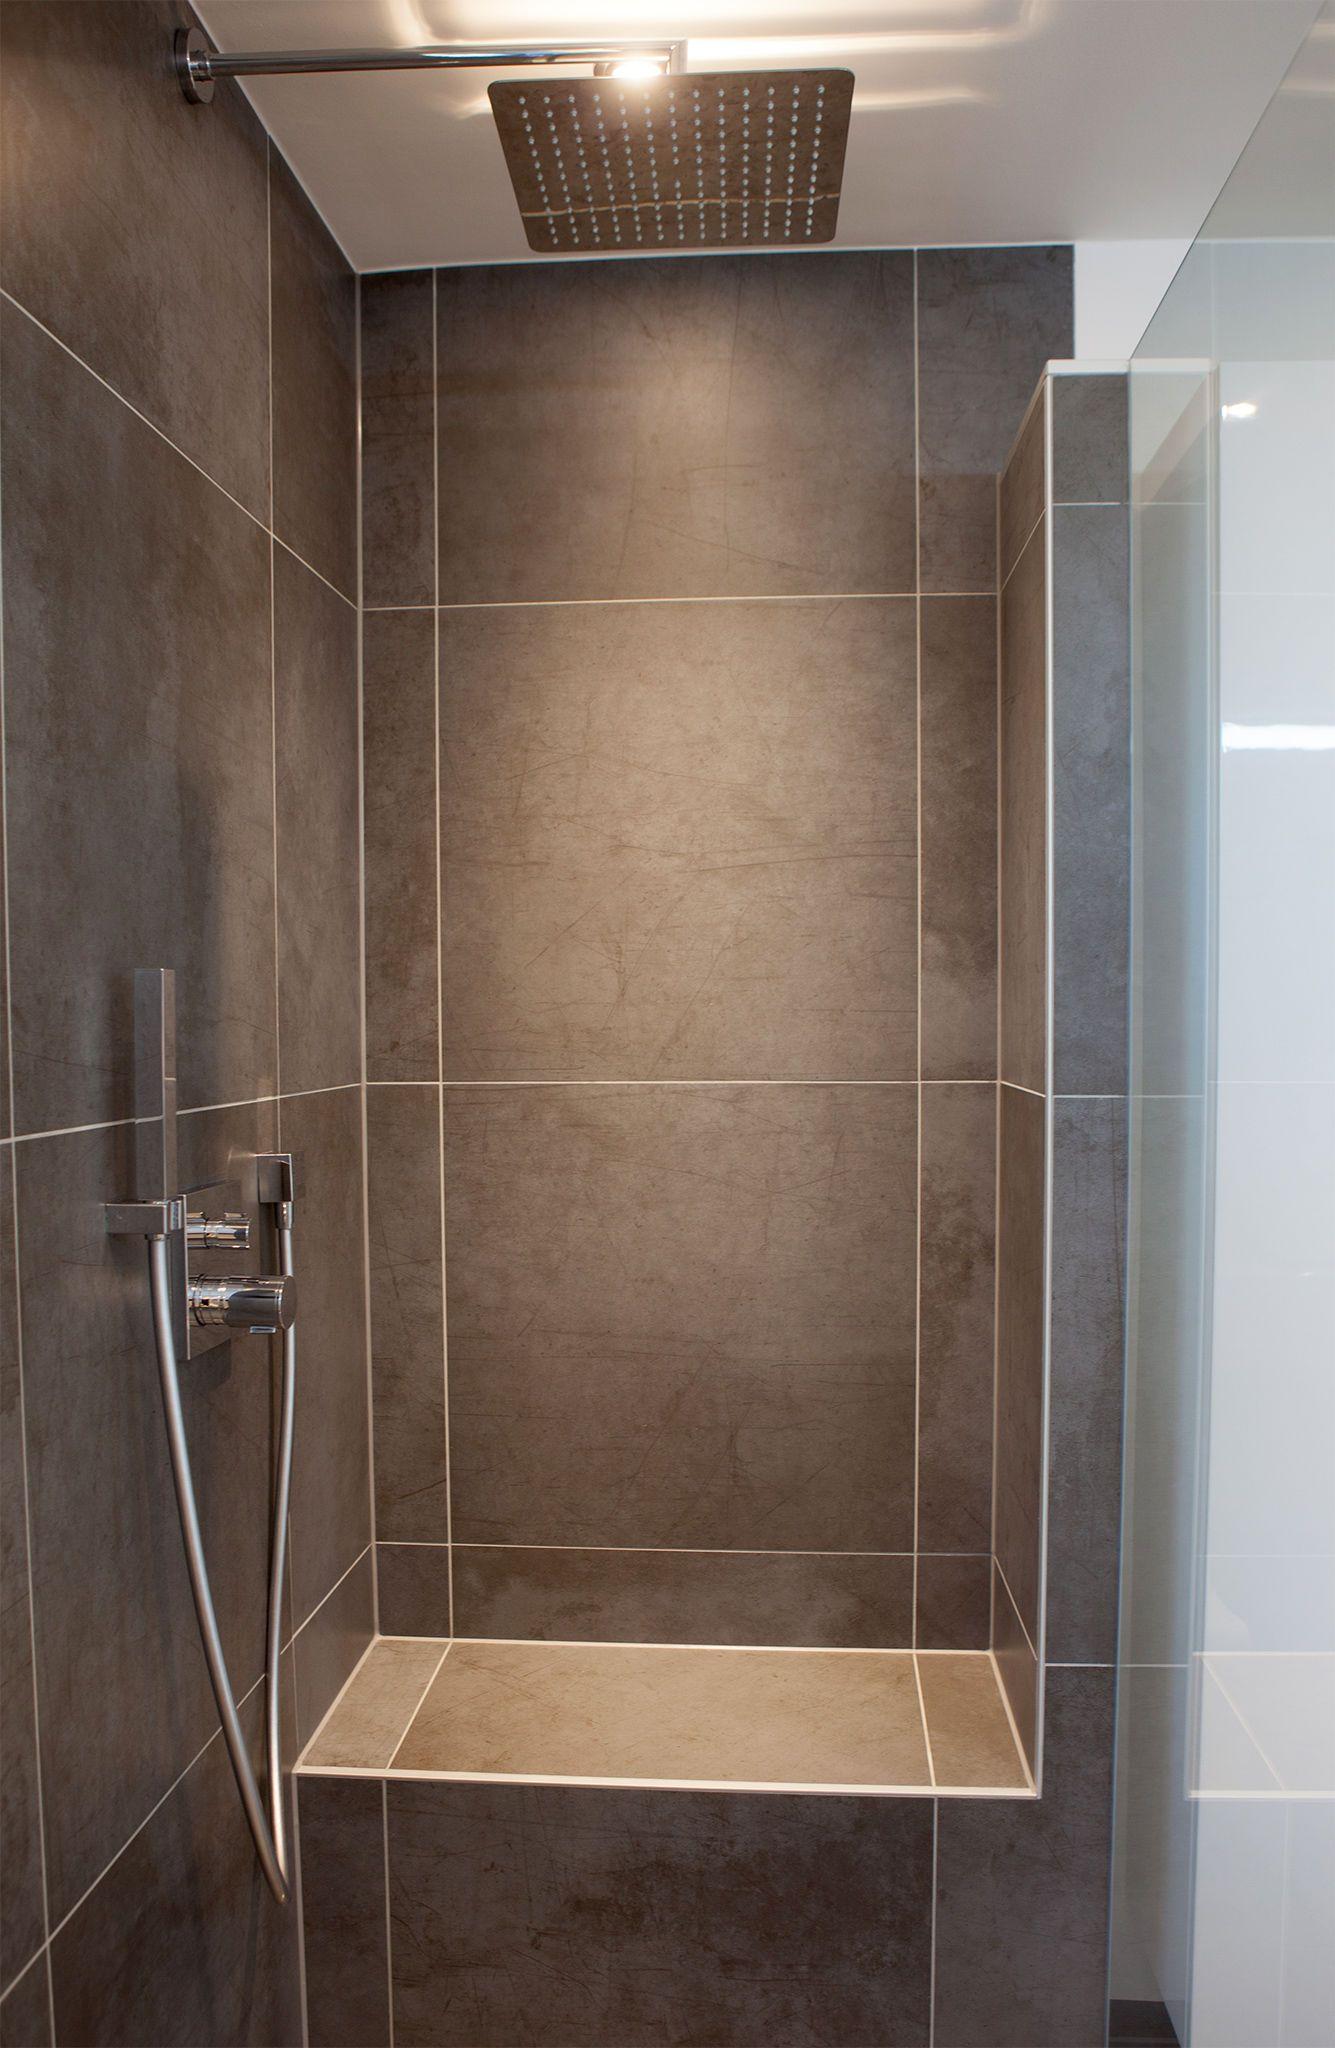 Heimwohl Badezimmer Begehbare Dusche Badezimmer Badezimmer Mit Dusche